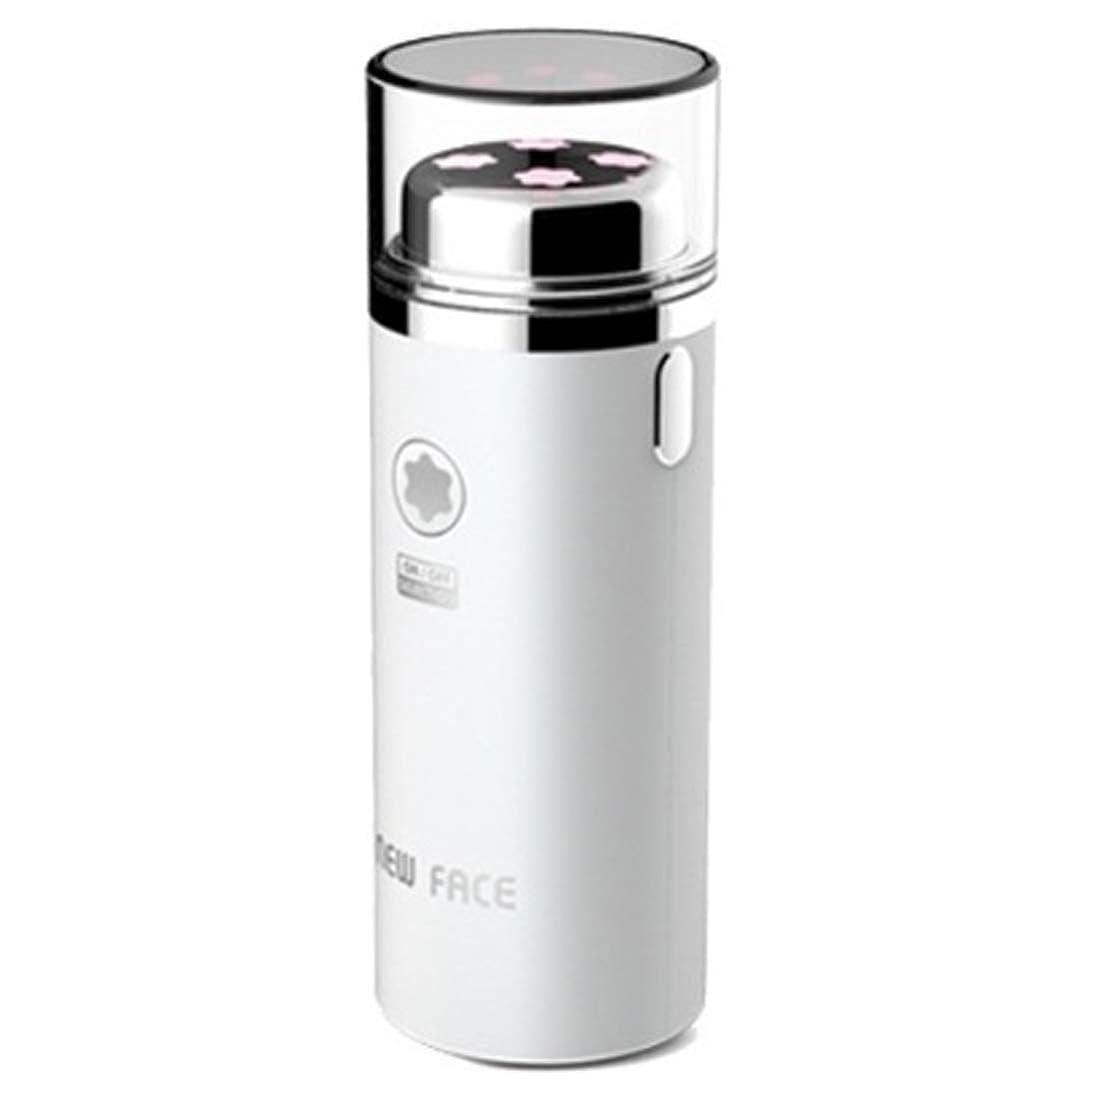 ページ消費する脱走エラニューフェイスガルバニックマイクロ振動イオンスキンマッサージャーEFM-2500ホワイト Elra New Face Galvanic Micro Vibration Ion Skin Massager EFM-2500 White [並行輸入品]